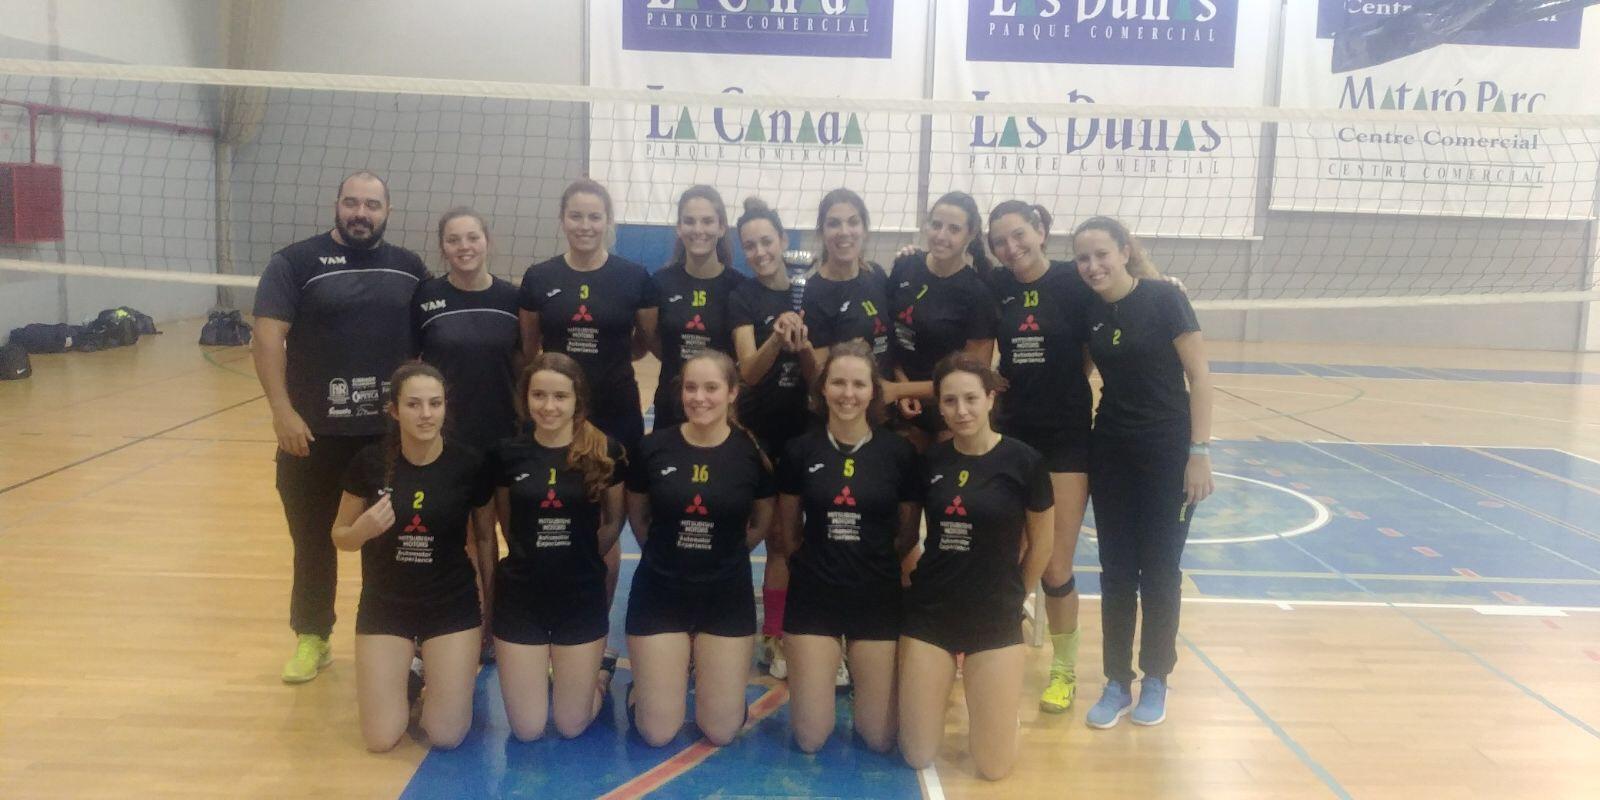 El equipo Voleibol Arroyo de la Miel logran coronarse como Subcampeonas de Voleibol de Andalucía